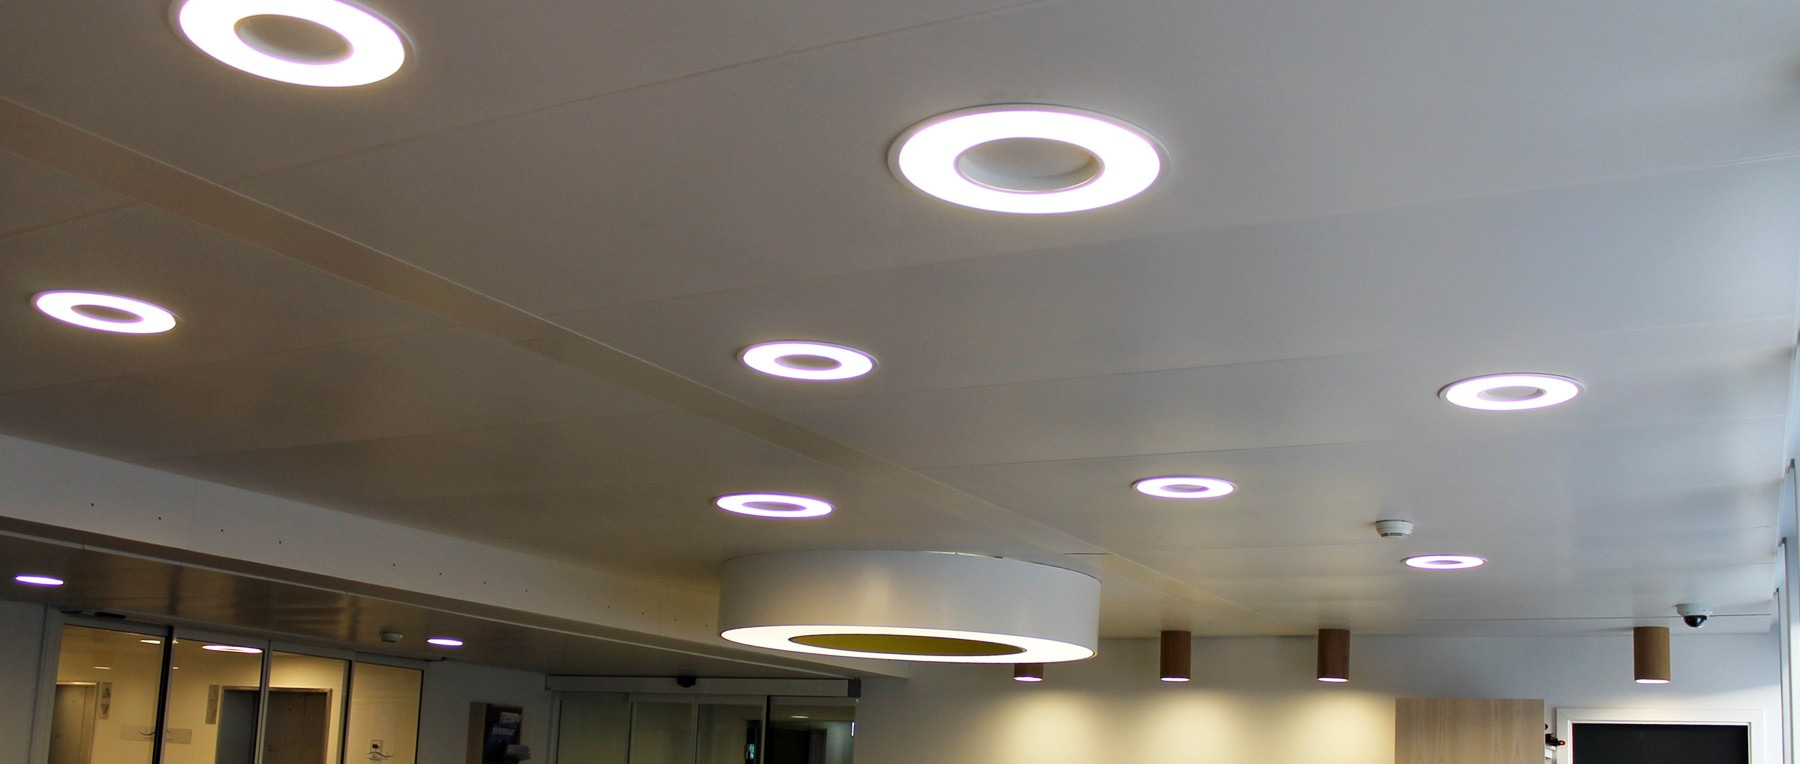 Light fitting & Design